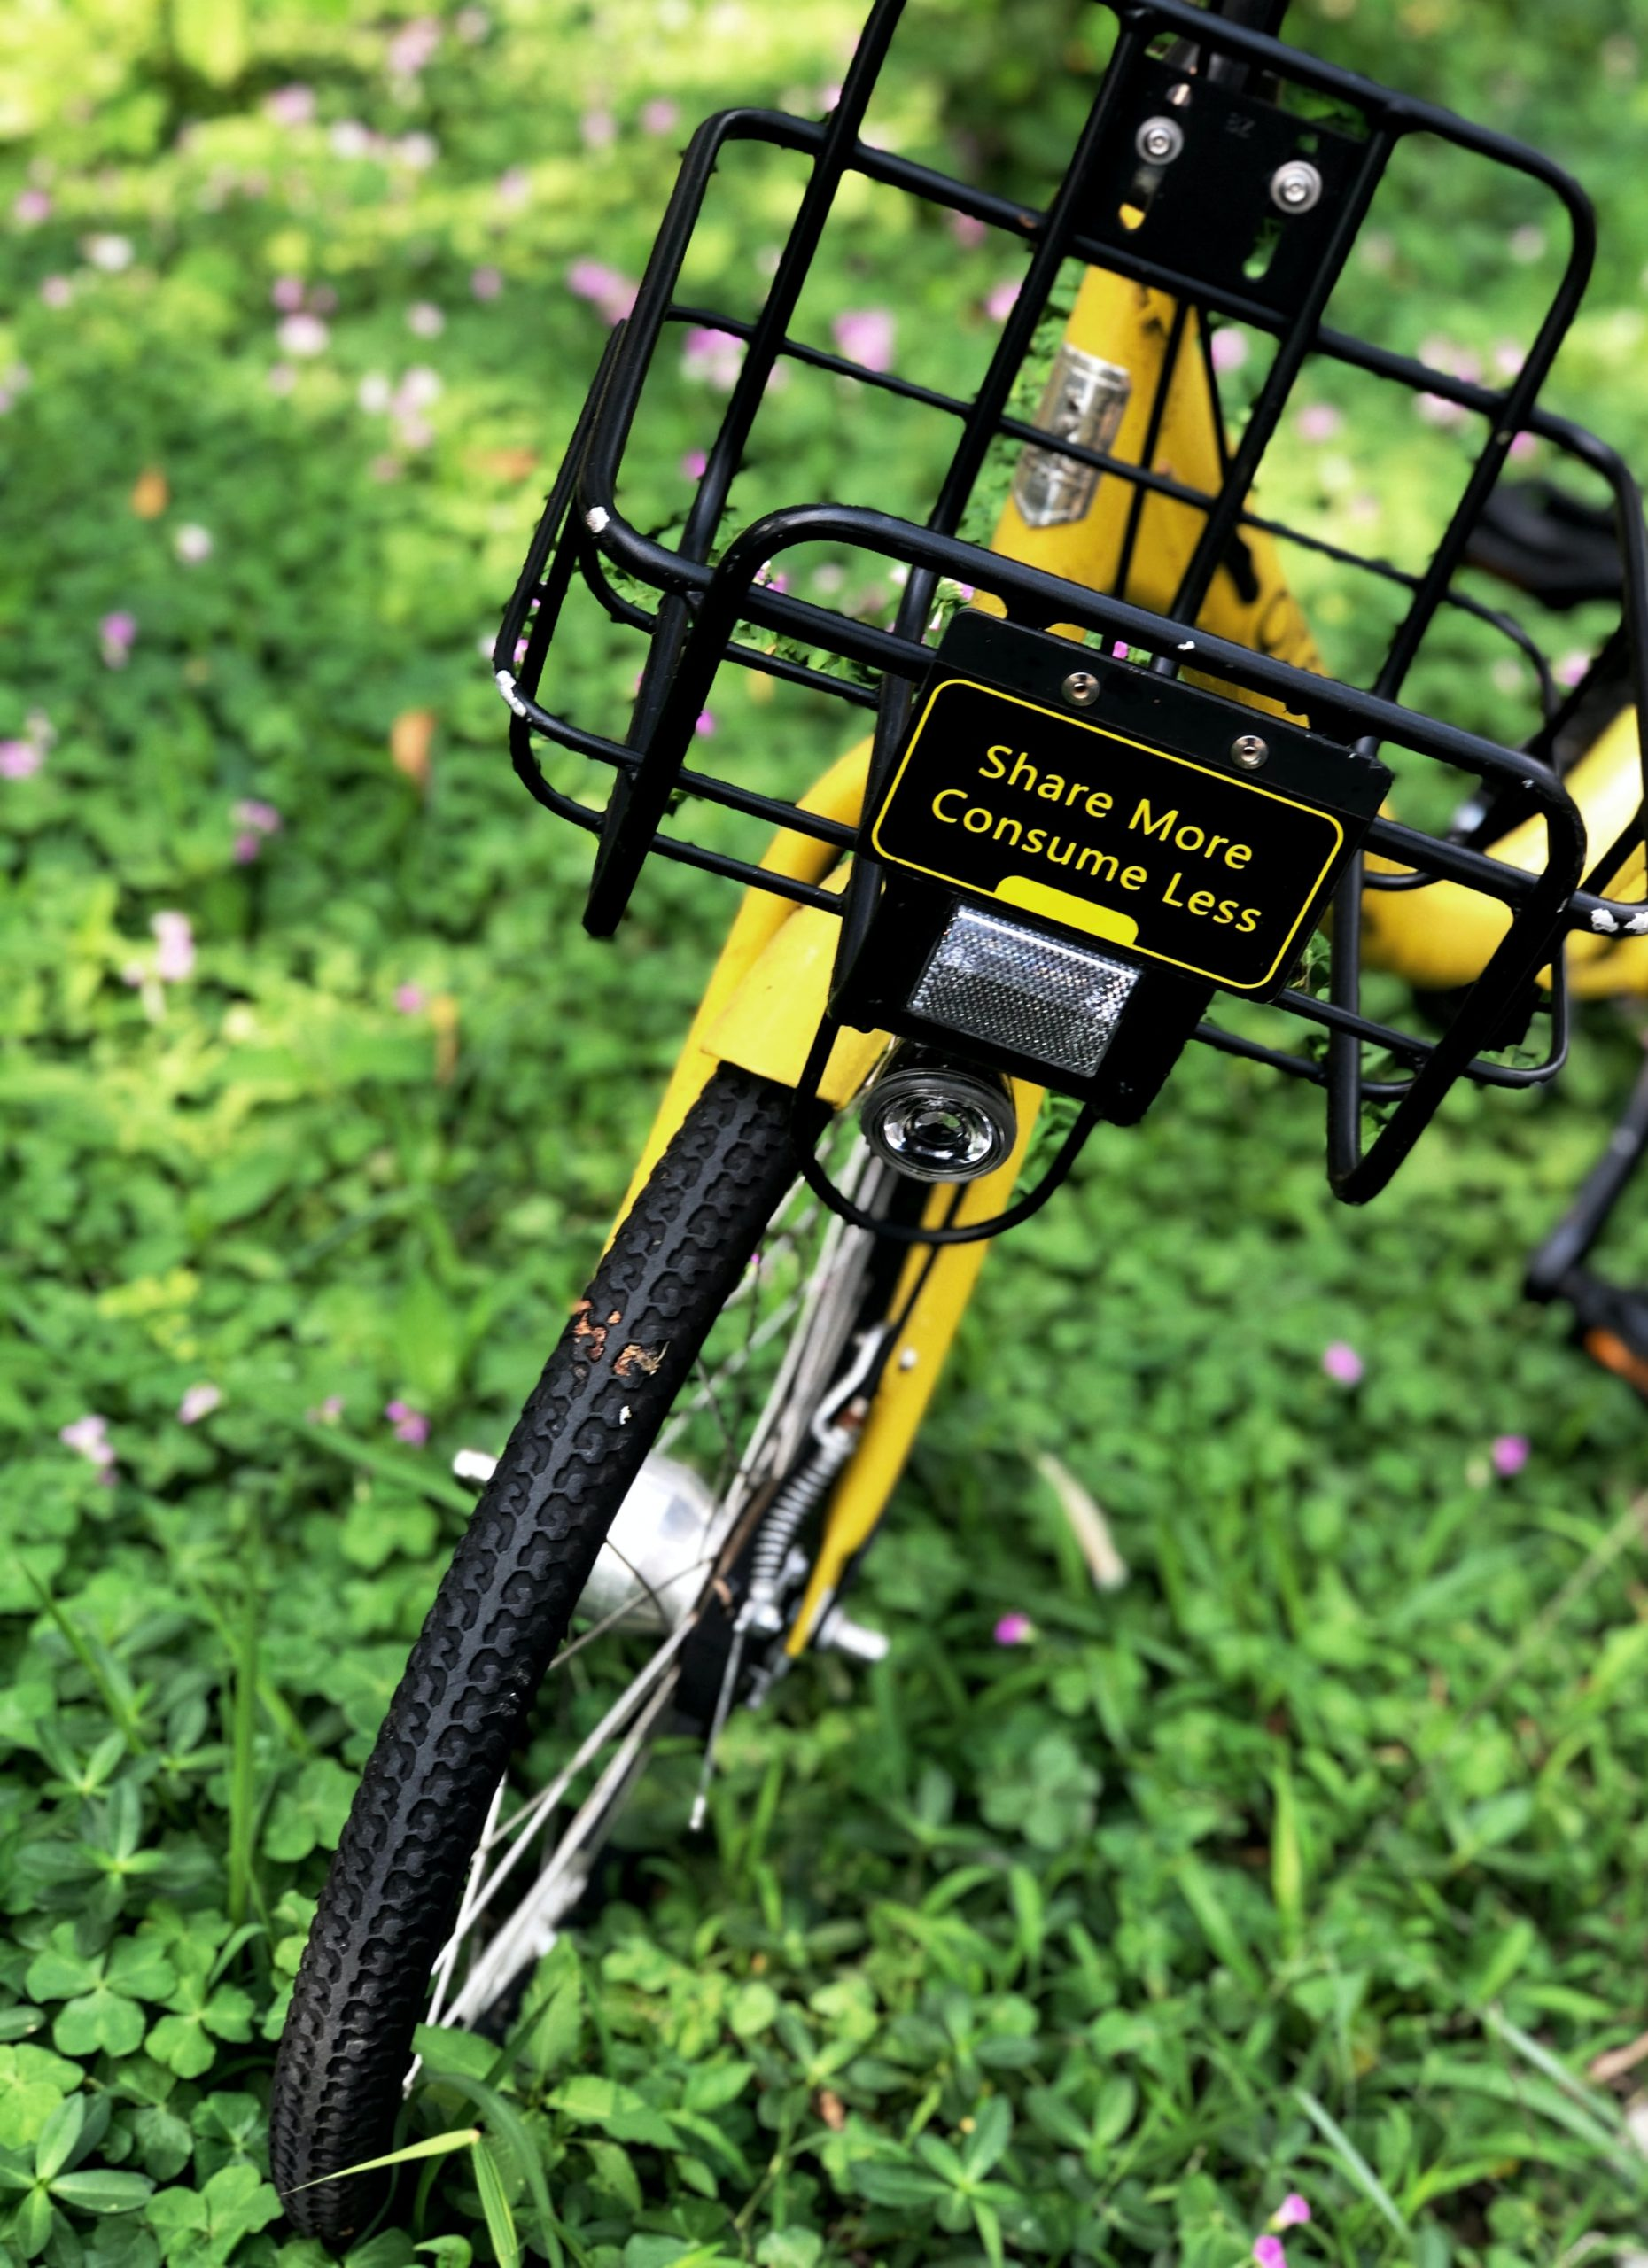 share bike on green grass